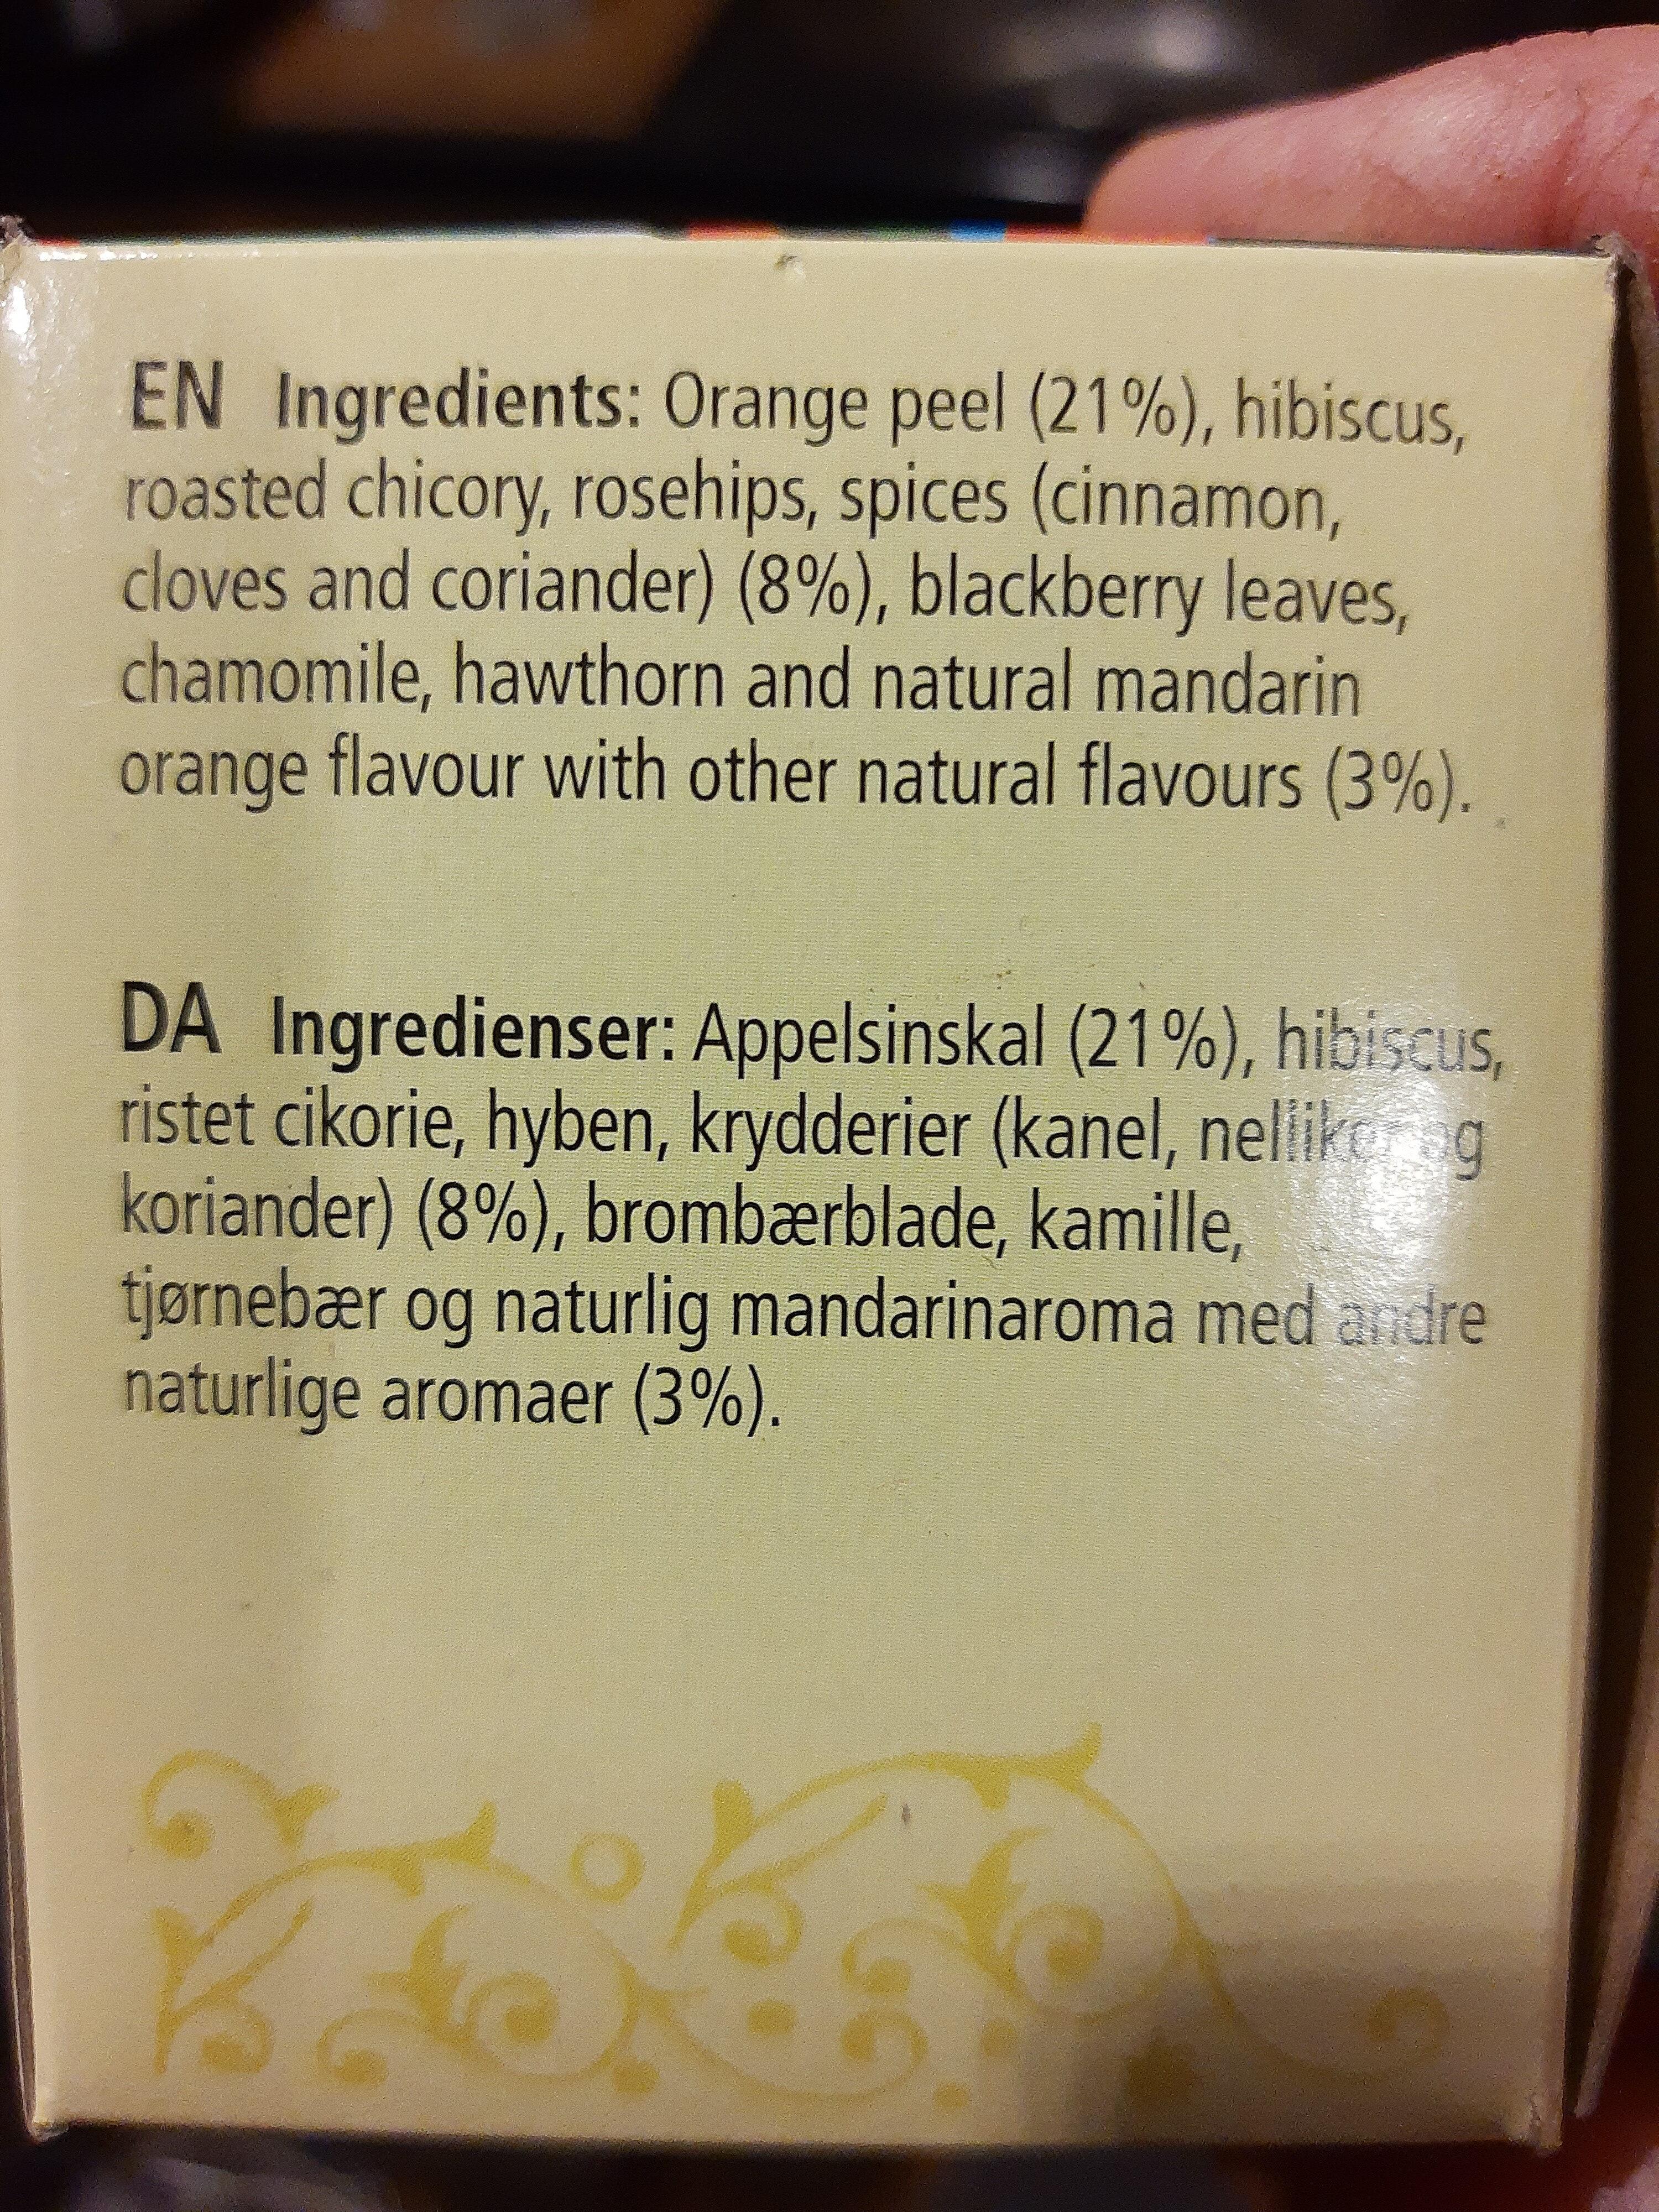 Mandarin orange spice caffeine free herbal tea bags - Ingredients - en